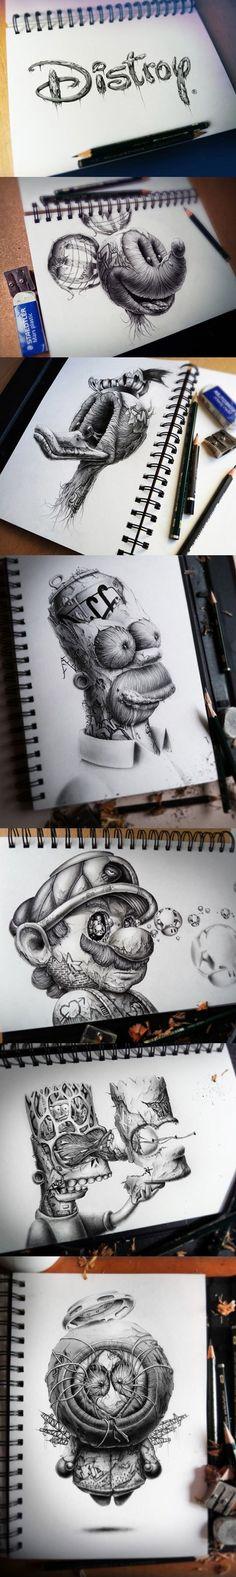 J'aime bien le style de dessin